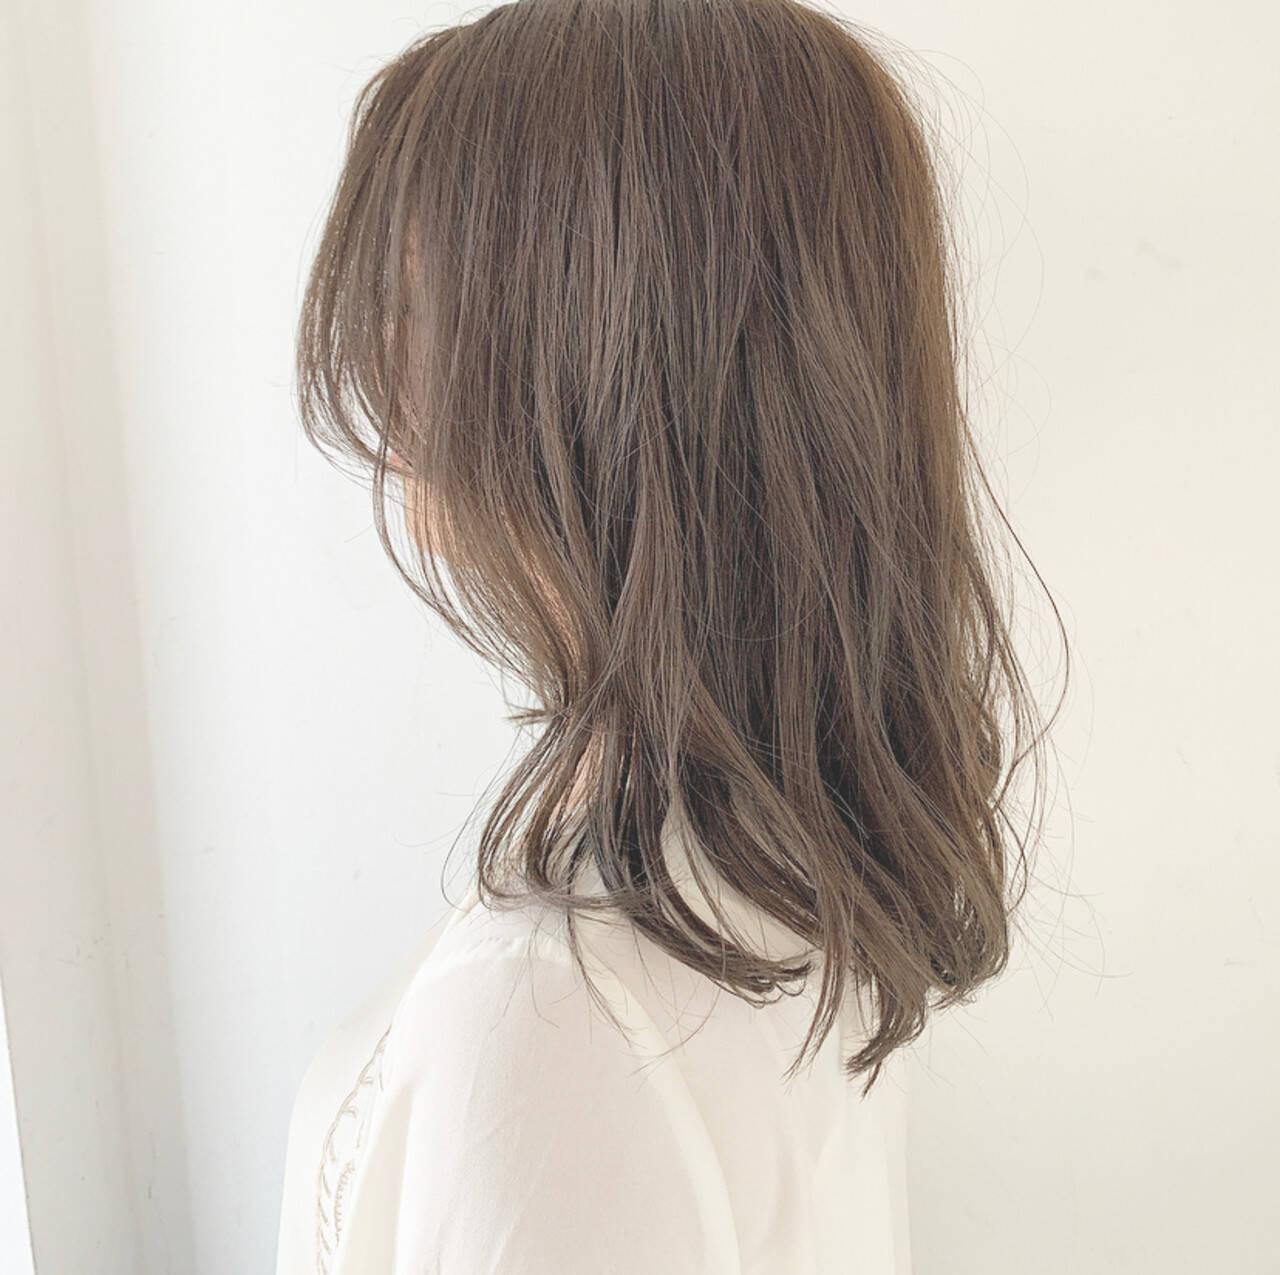 ミルクティーベージュ アンニュイ ミルクティーグレージュ ナチュラルヘアスタイルや髪型の写真・画像